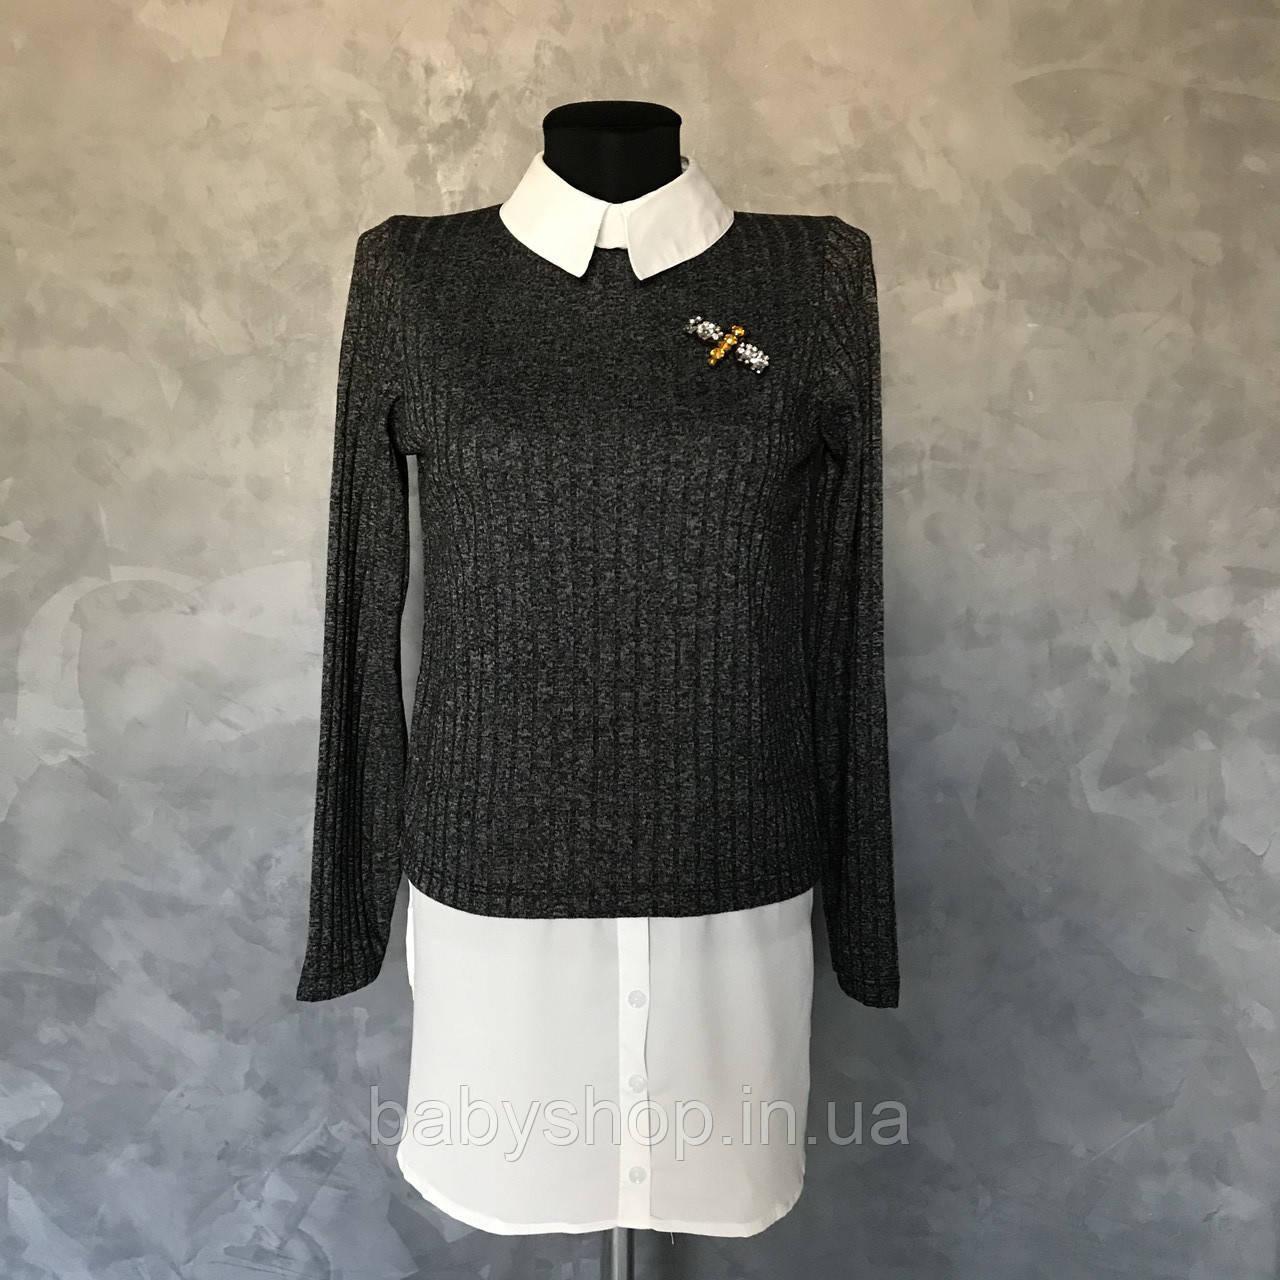 Женский свитер 1а. Размер S, фото 1